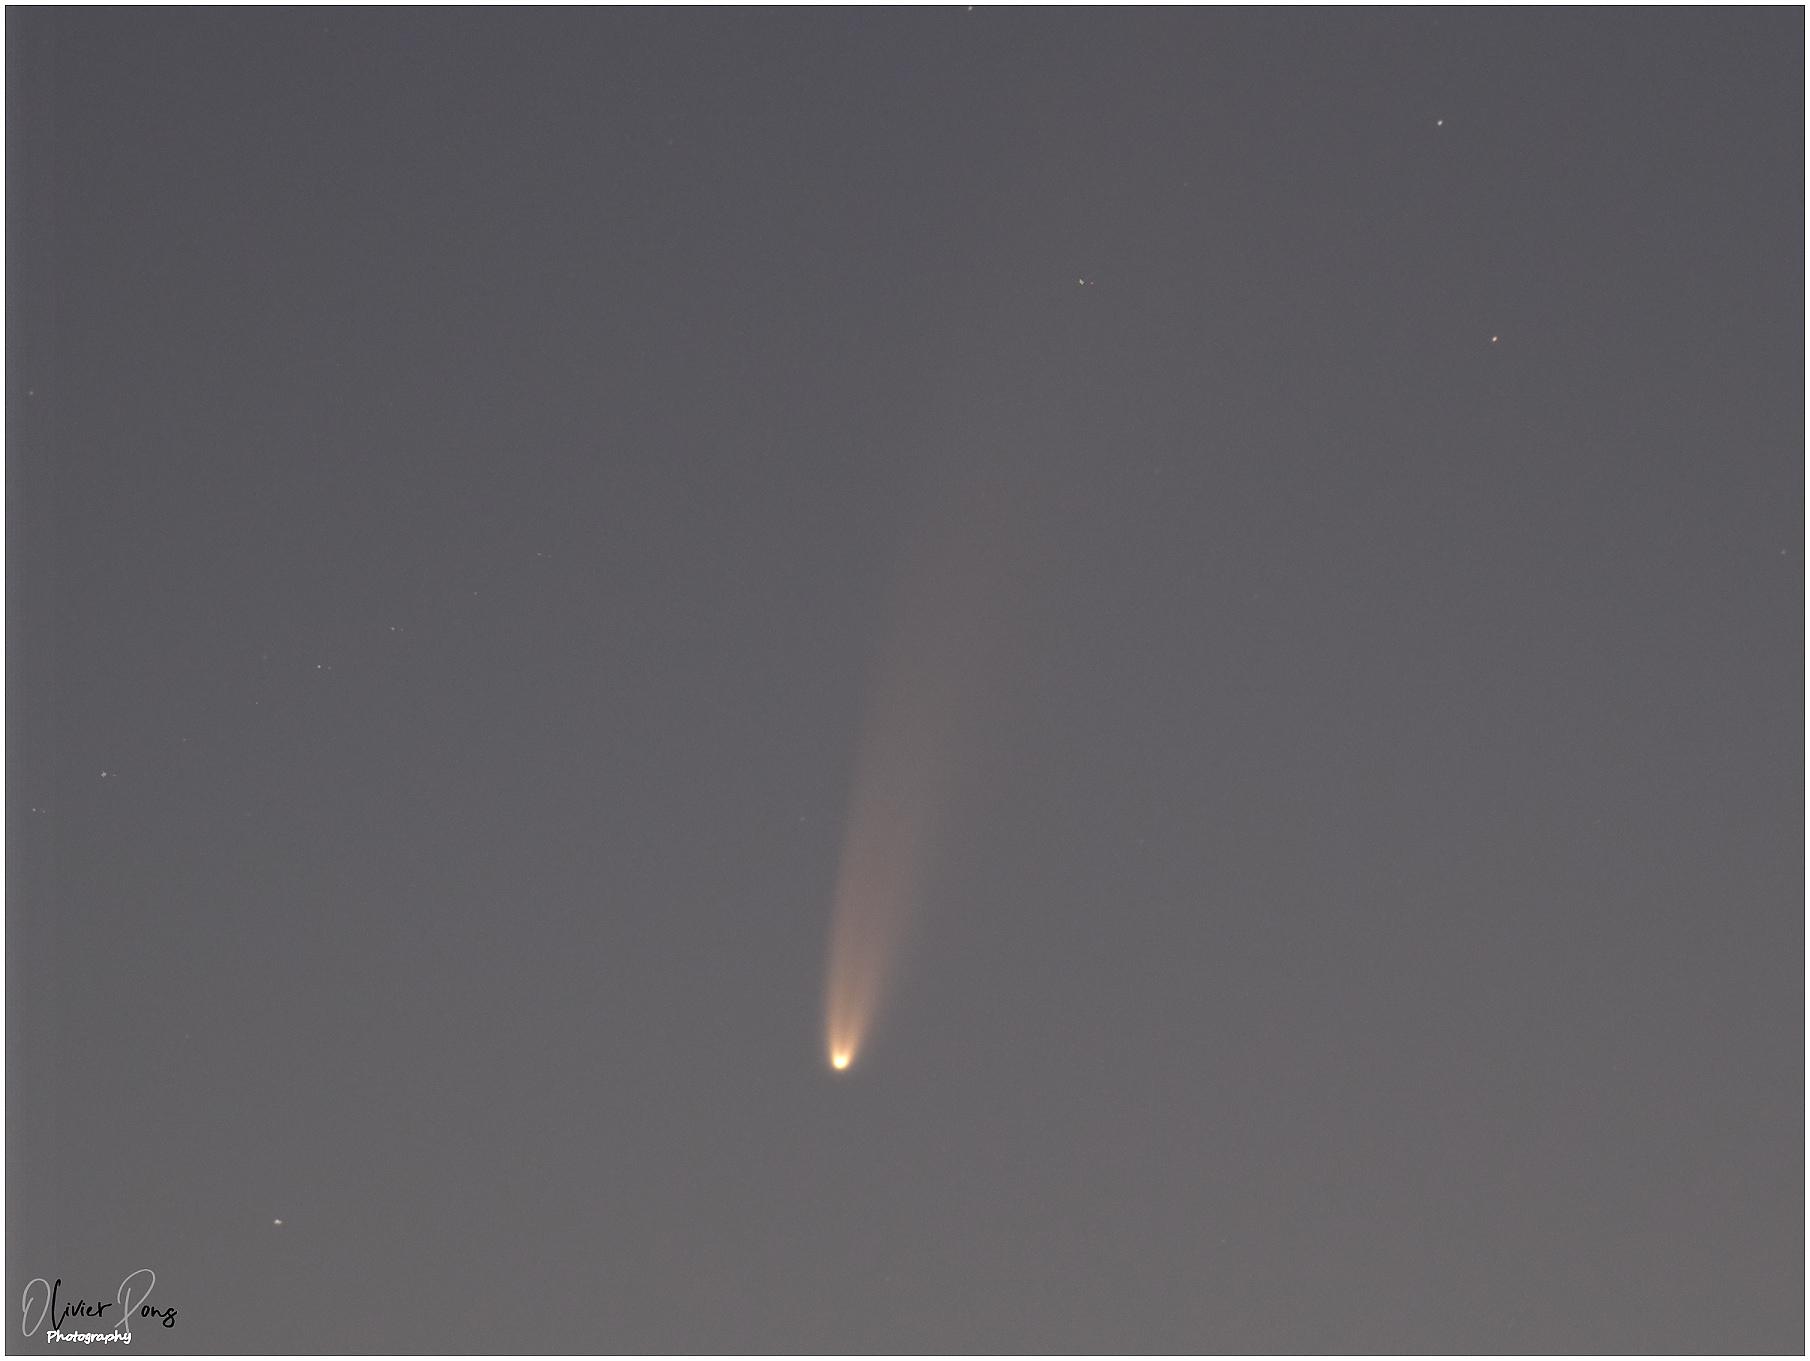 comet_20200707_3_web.jpg